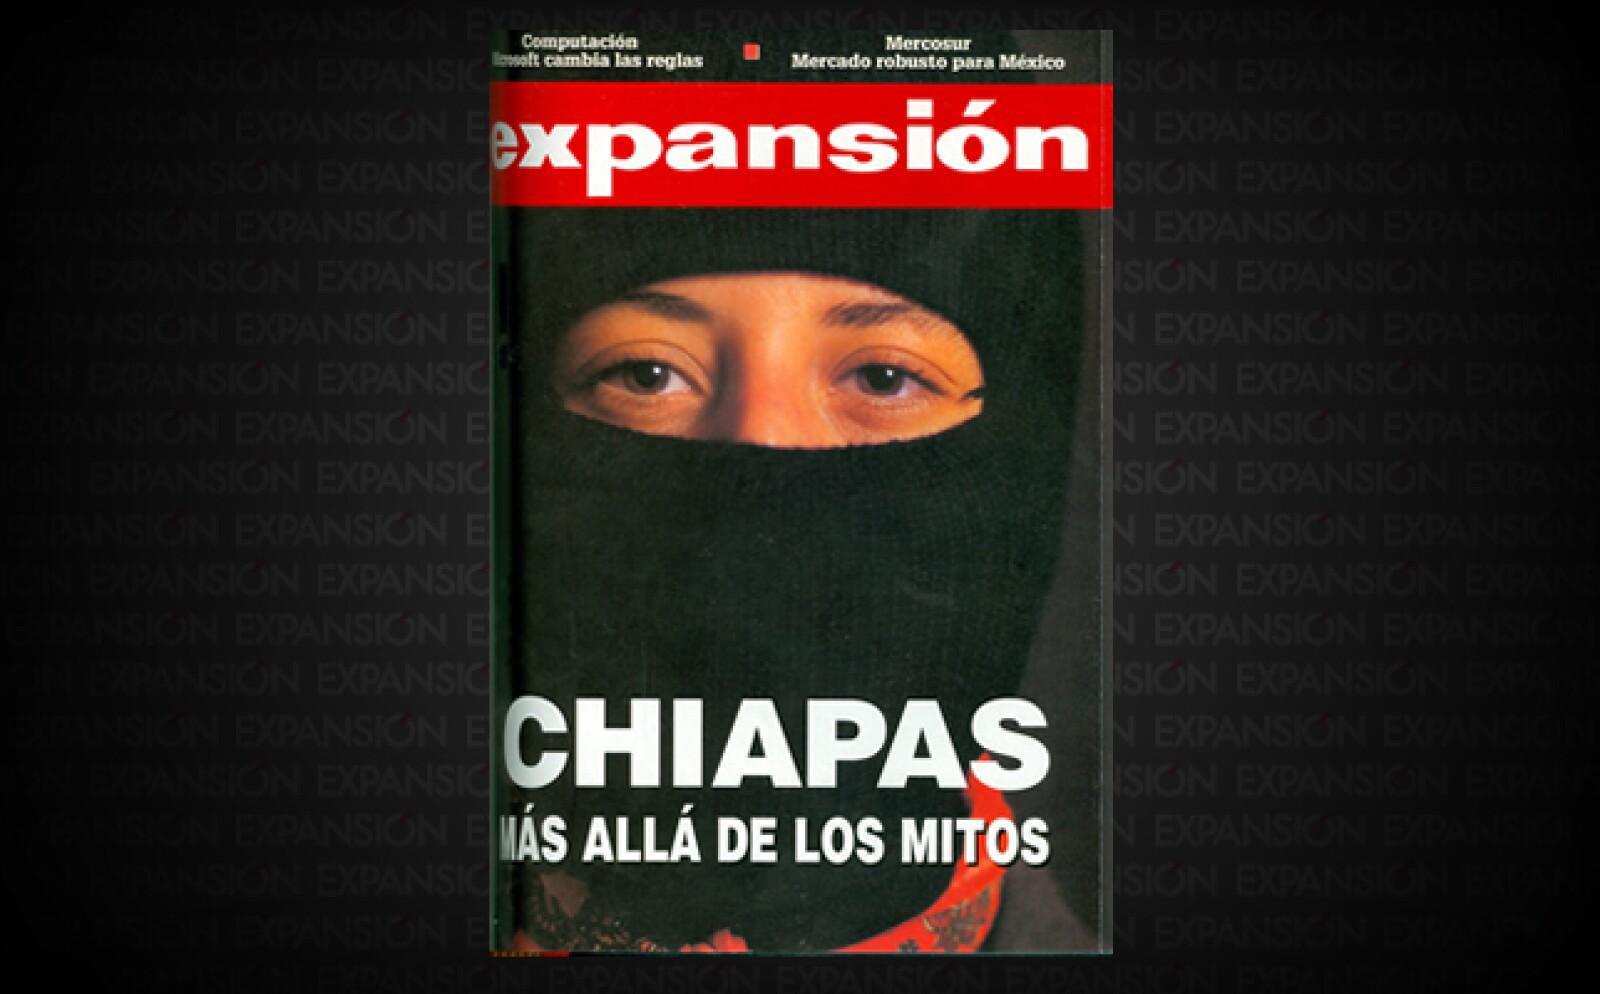 """""""Chiapas no debería ser pobre"""", rezaba el editorial. El reportaje mostraba al Chiapas que """"proporciona al país energía eléctrica, petróleo y gas""""-, pero  """"con uno de los niveles de infraestructura más bajos de México""""."""